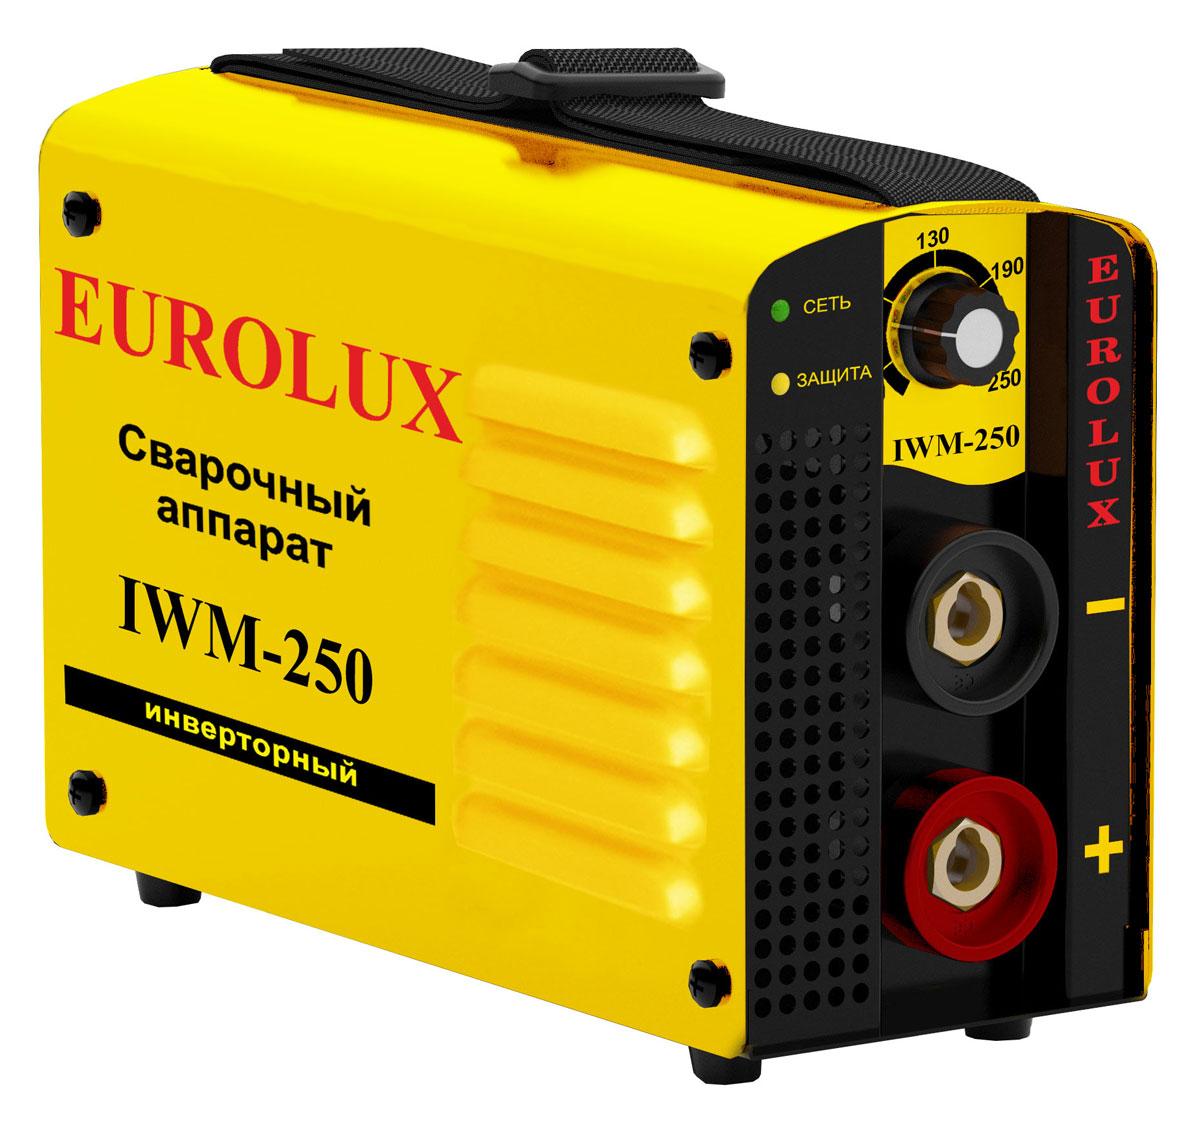 Eurolux IWM 250 инверторный сварочный аппарат стоимость